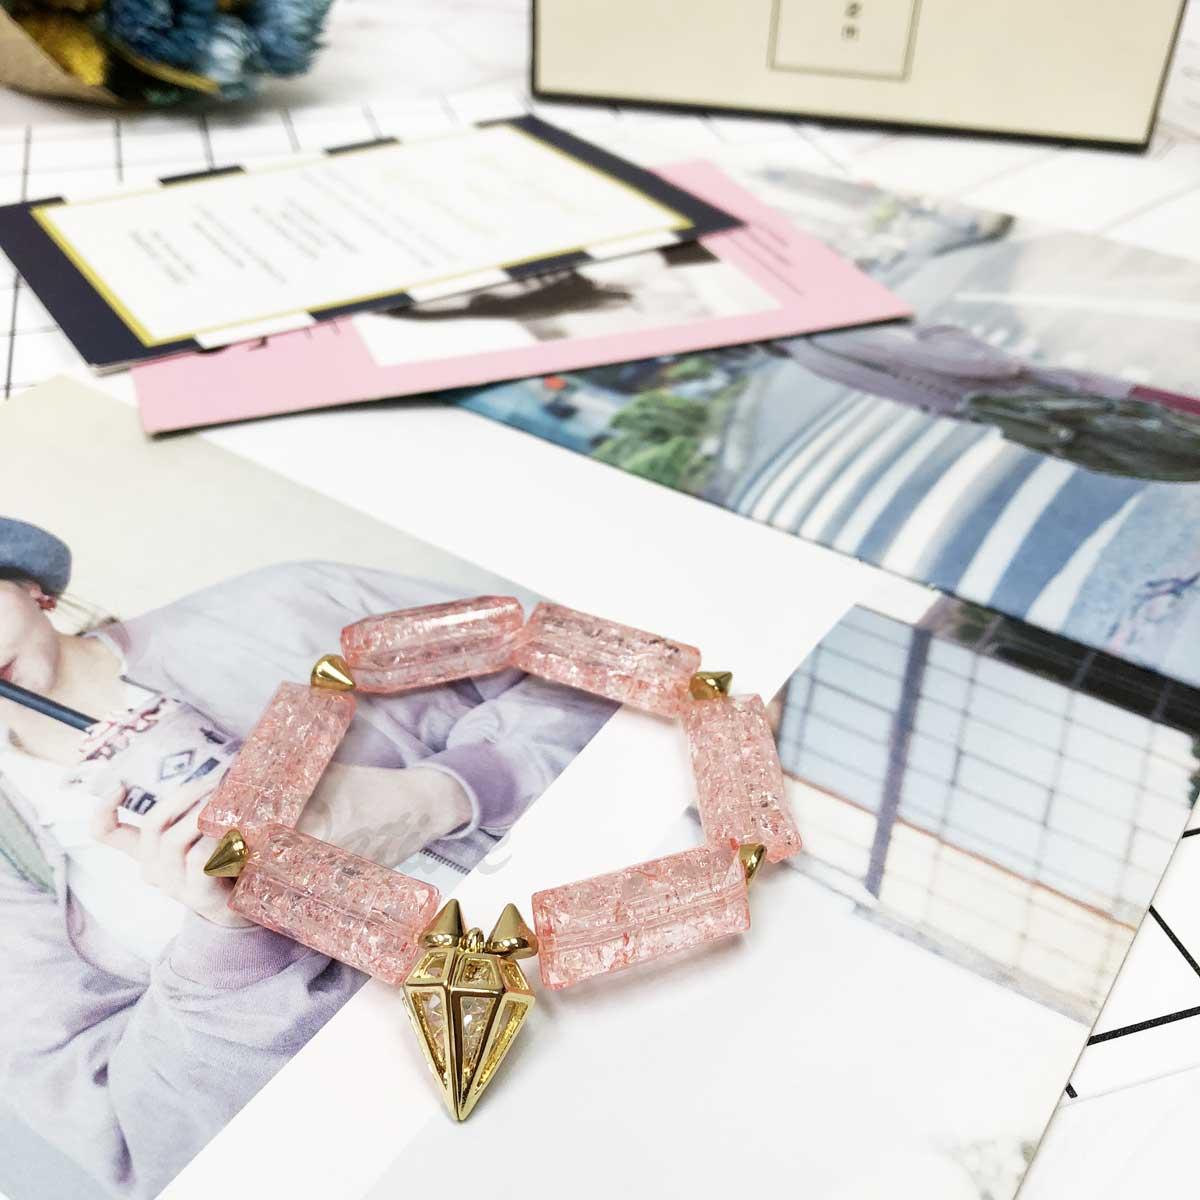 串珠 鑽石 鉚釘 中空 崁鑽 大方石 手環 手飾